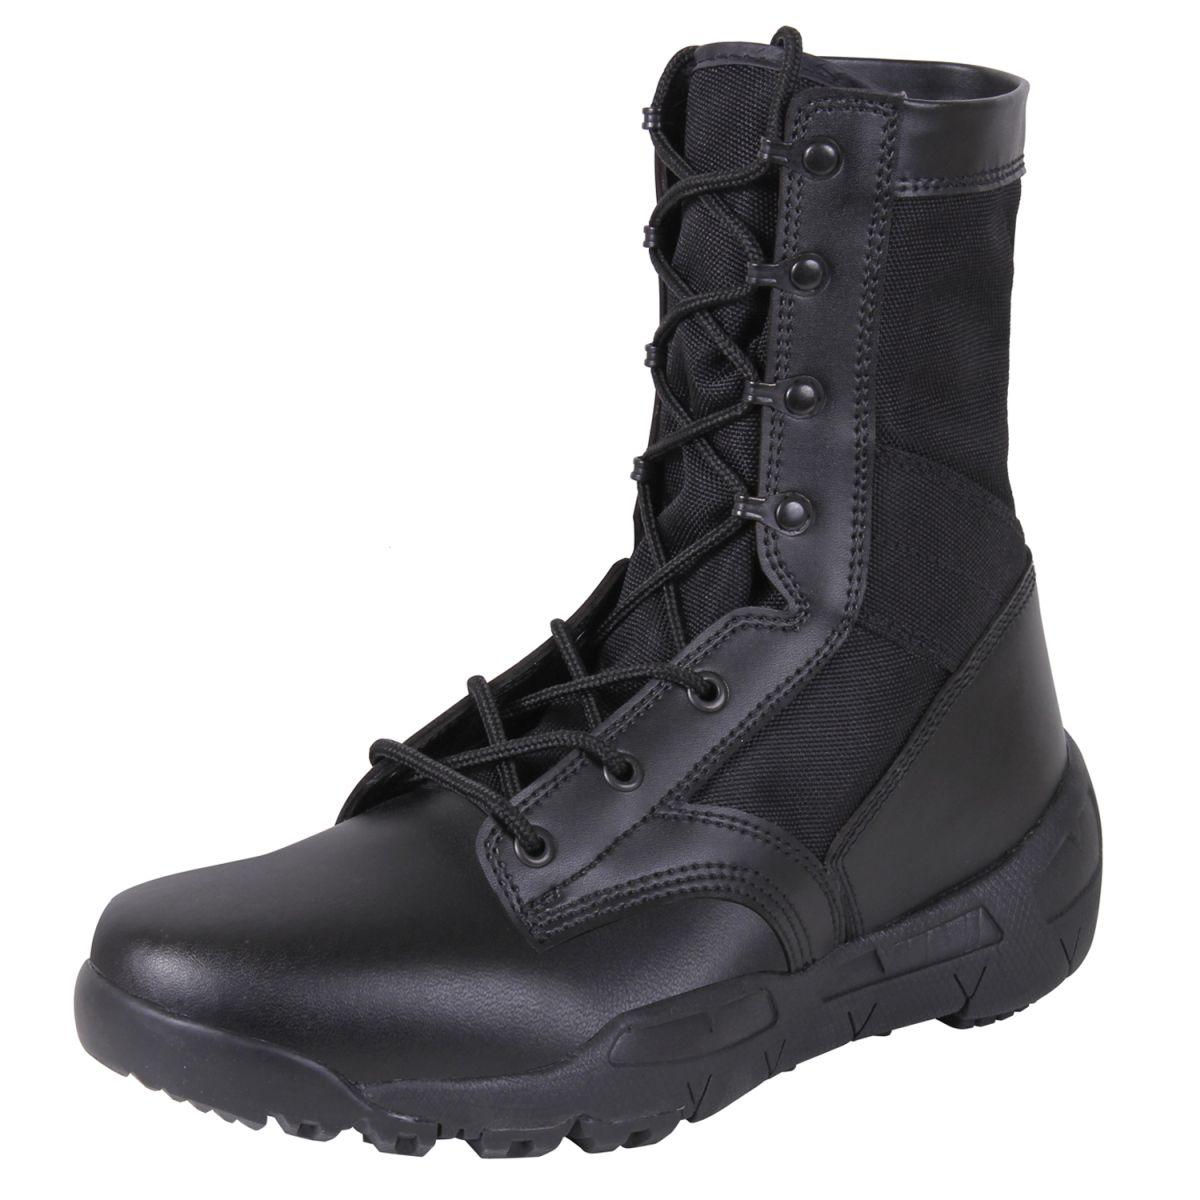 Topánky V-MAX LIGHTWEIGHT taktické ČEIRNE